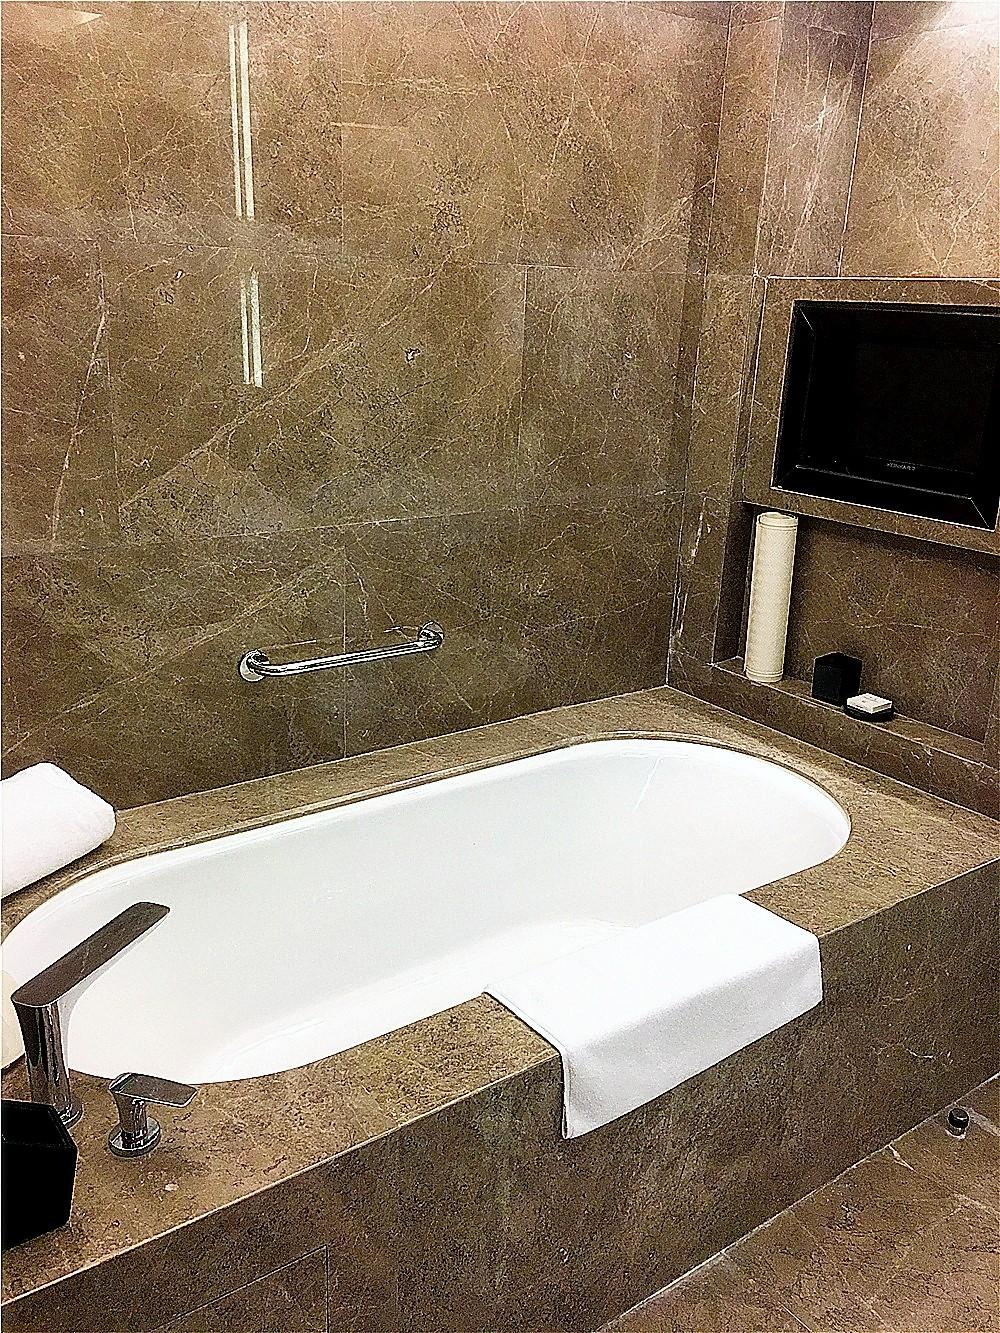 深圳前海華僑城JW萬豪酒店(JW Marriott Hotel Shenzhen Bao'an)-浴缸